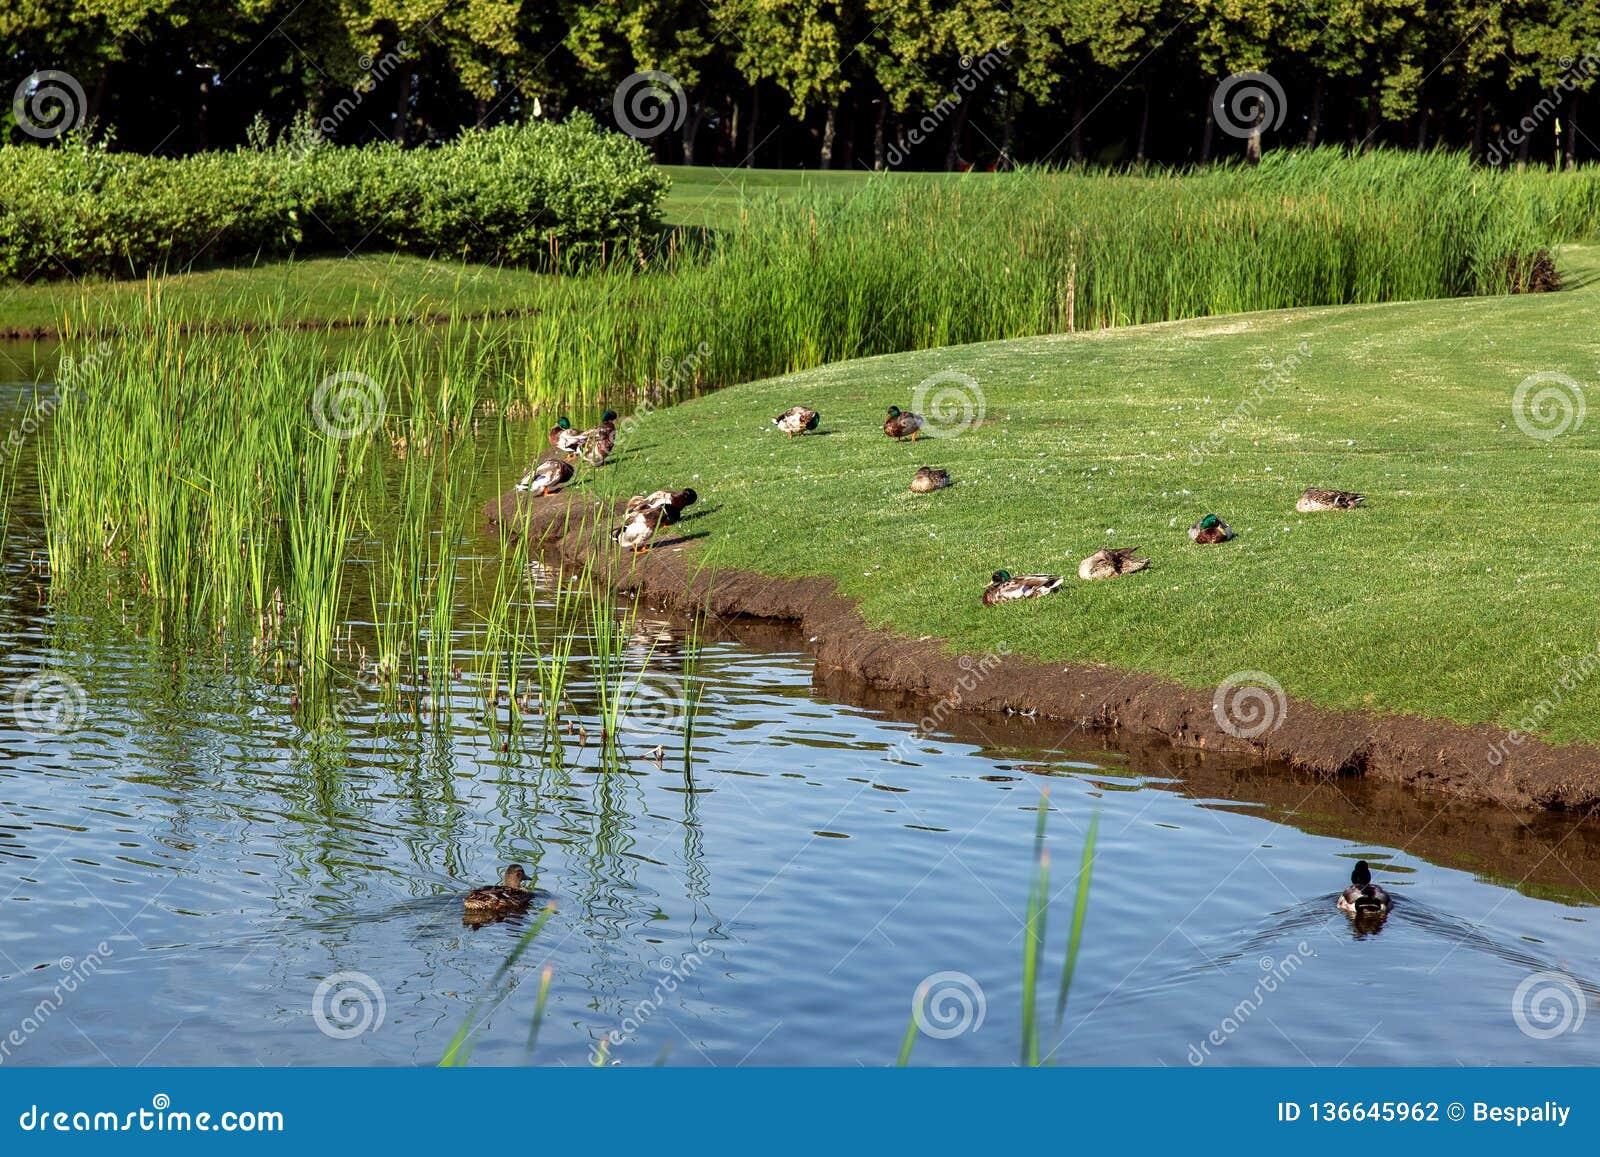 Πάπιες που επιπλέουν στο νερό και που κάθονται στην πράσινη χλόη